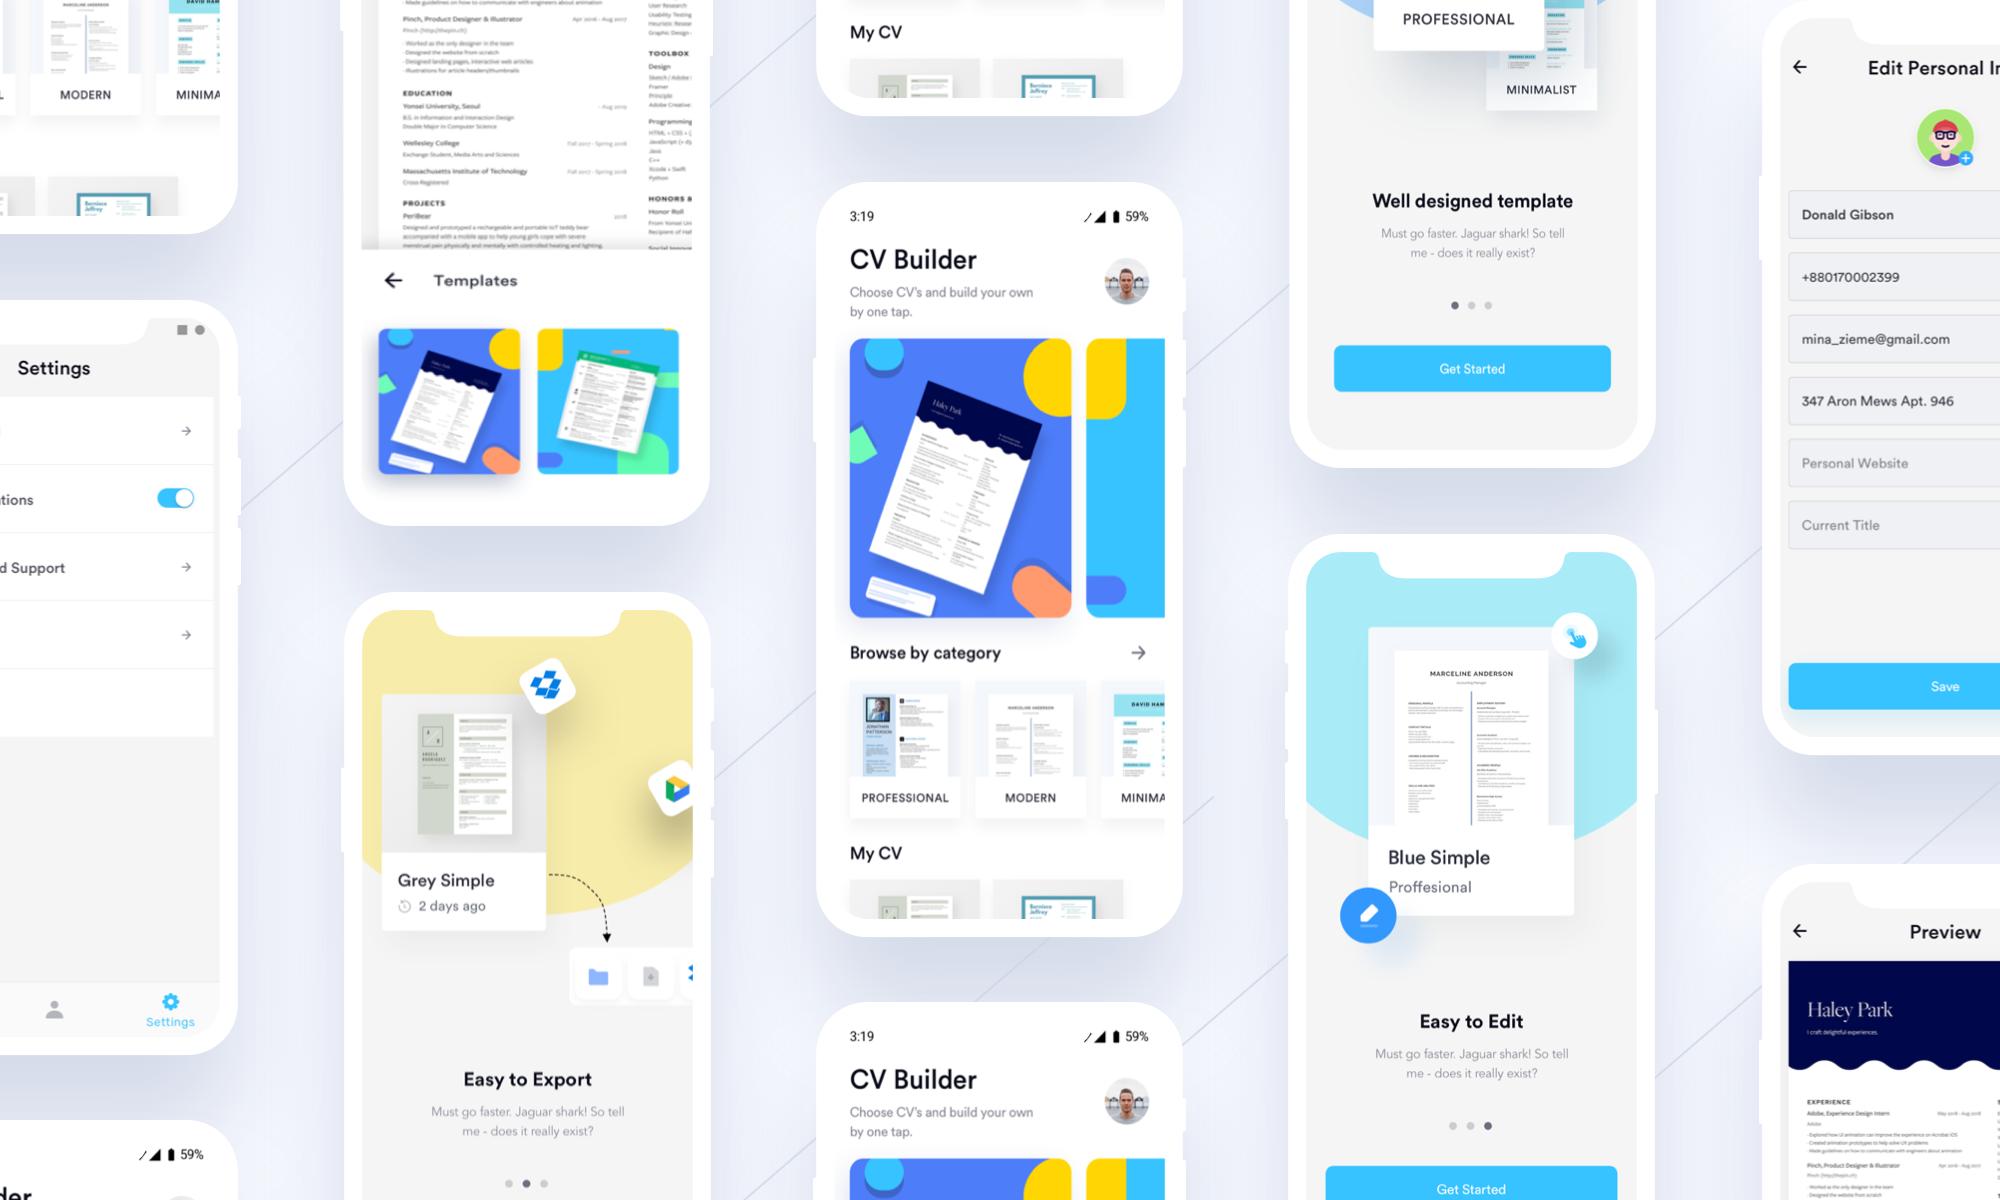 """查看此 Behance 项目 """"Ezy CV/Resume Builder Mobile App"""" https"""